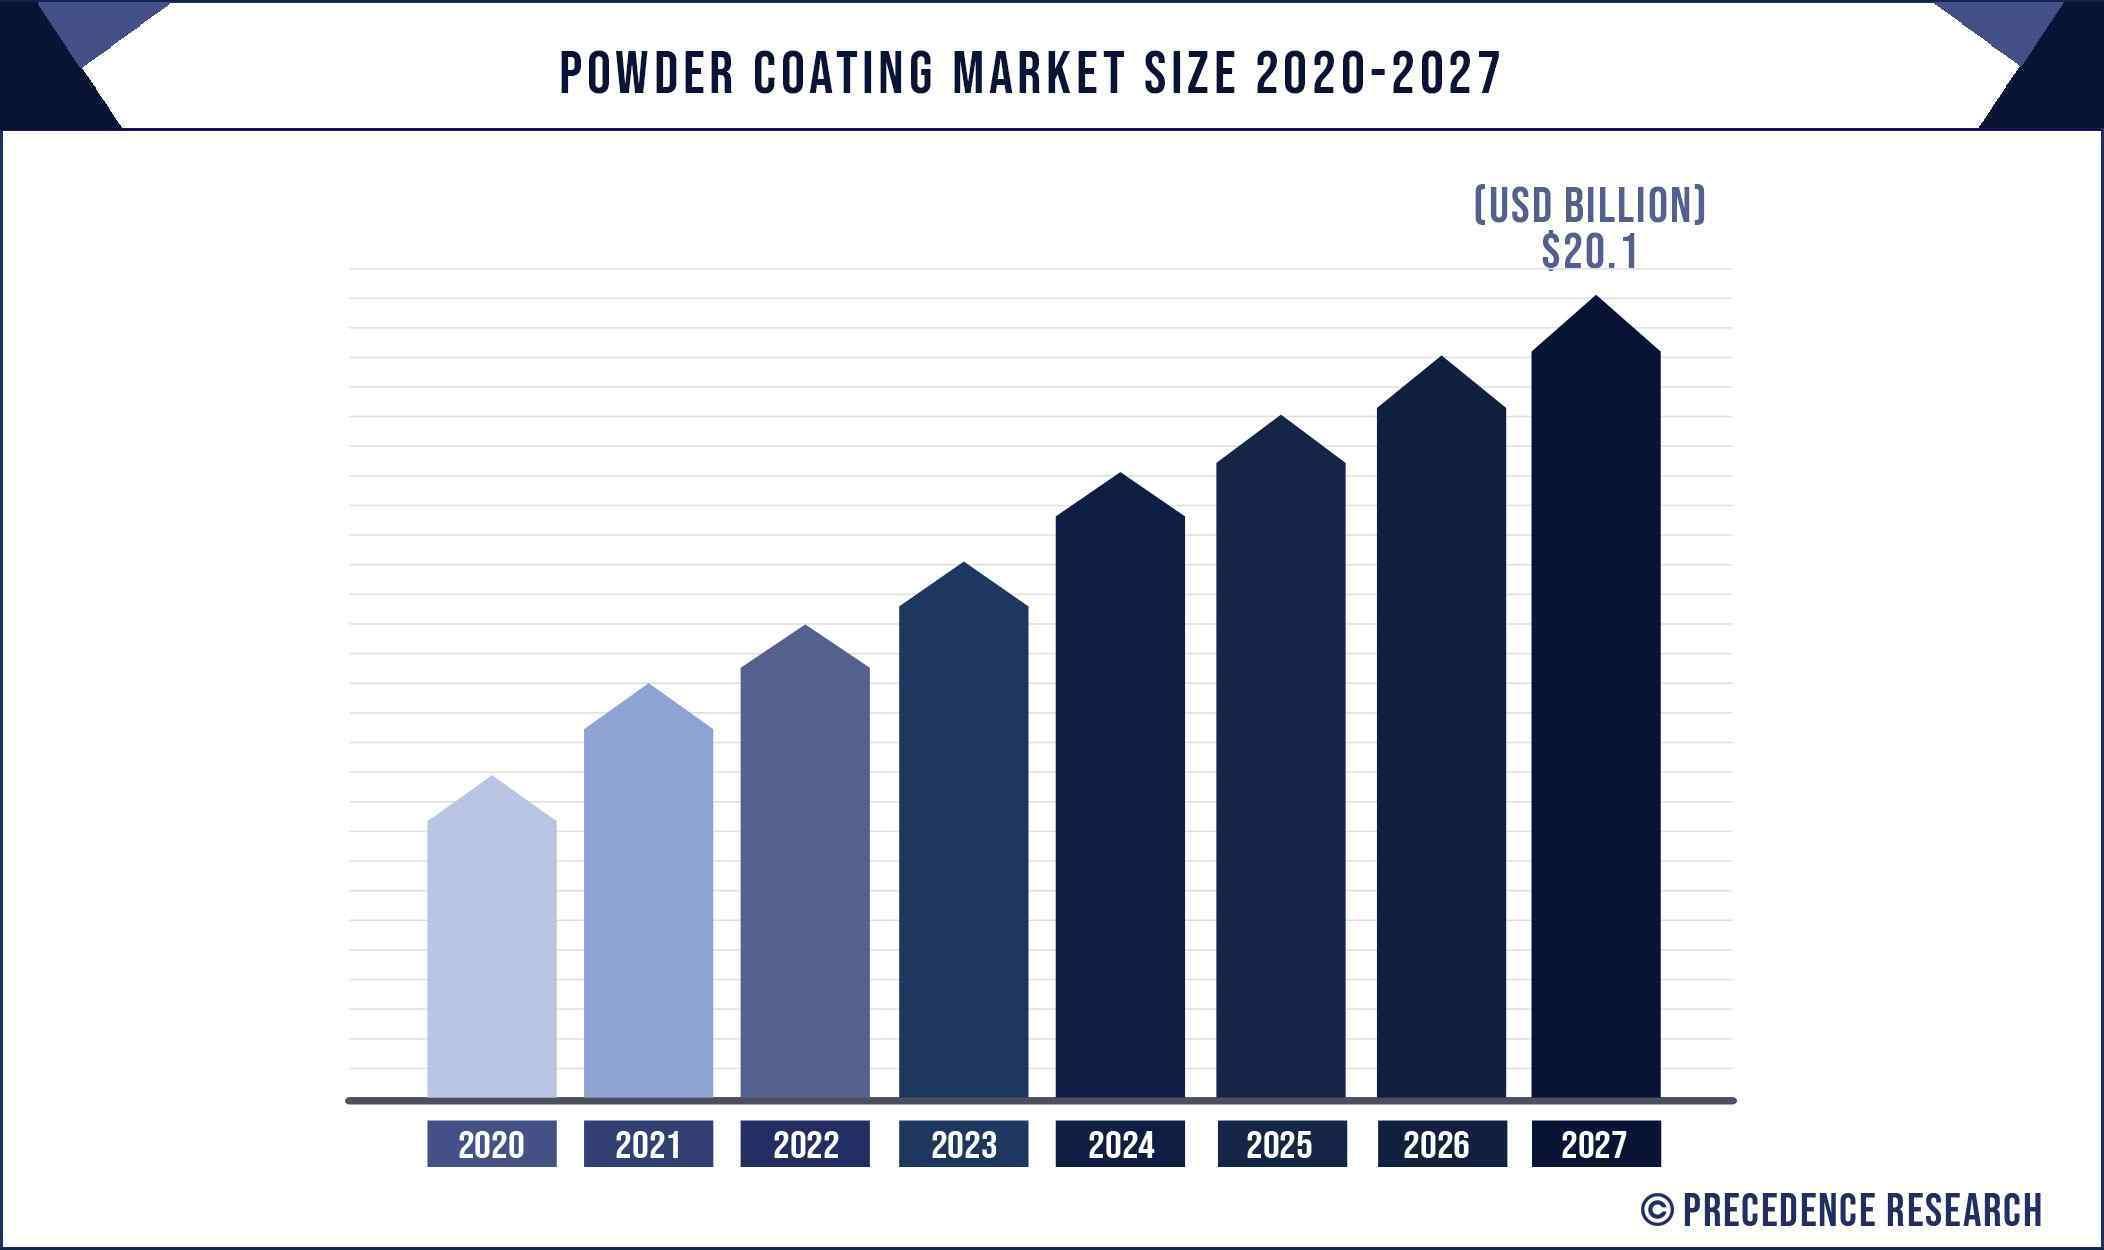 Powder Coating Market Size 2020 to 2027